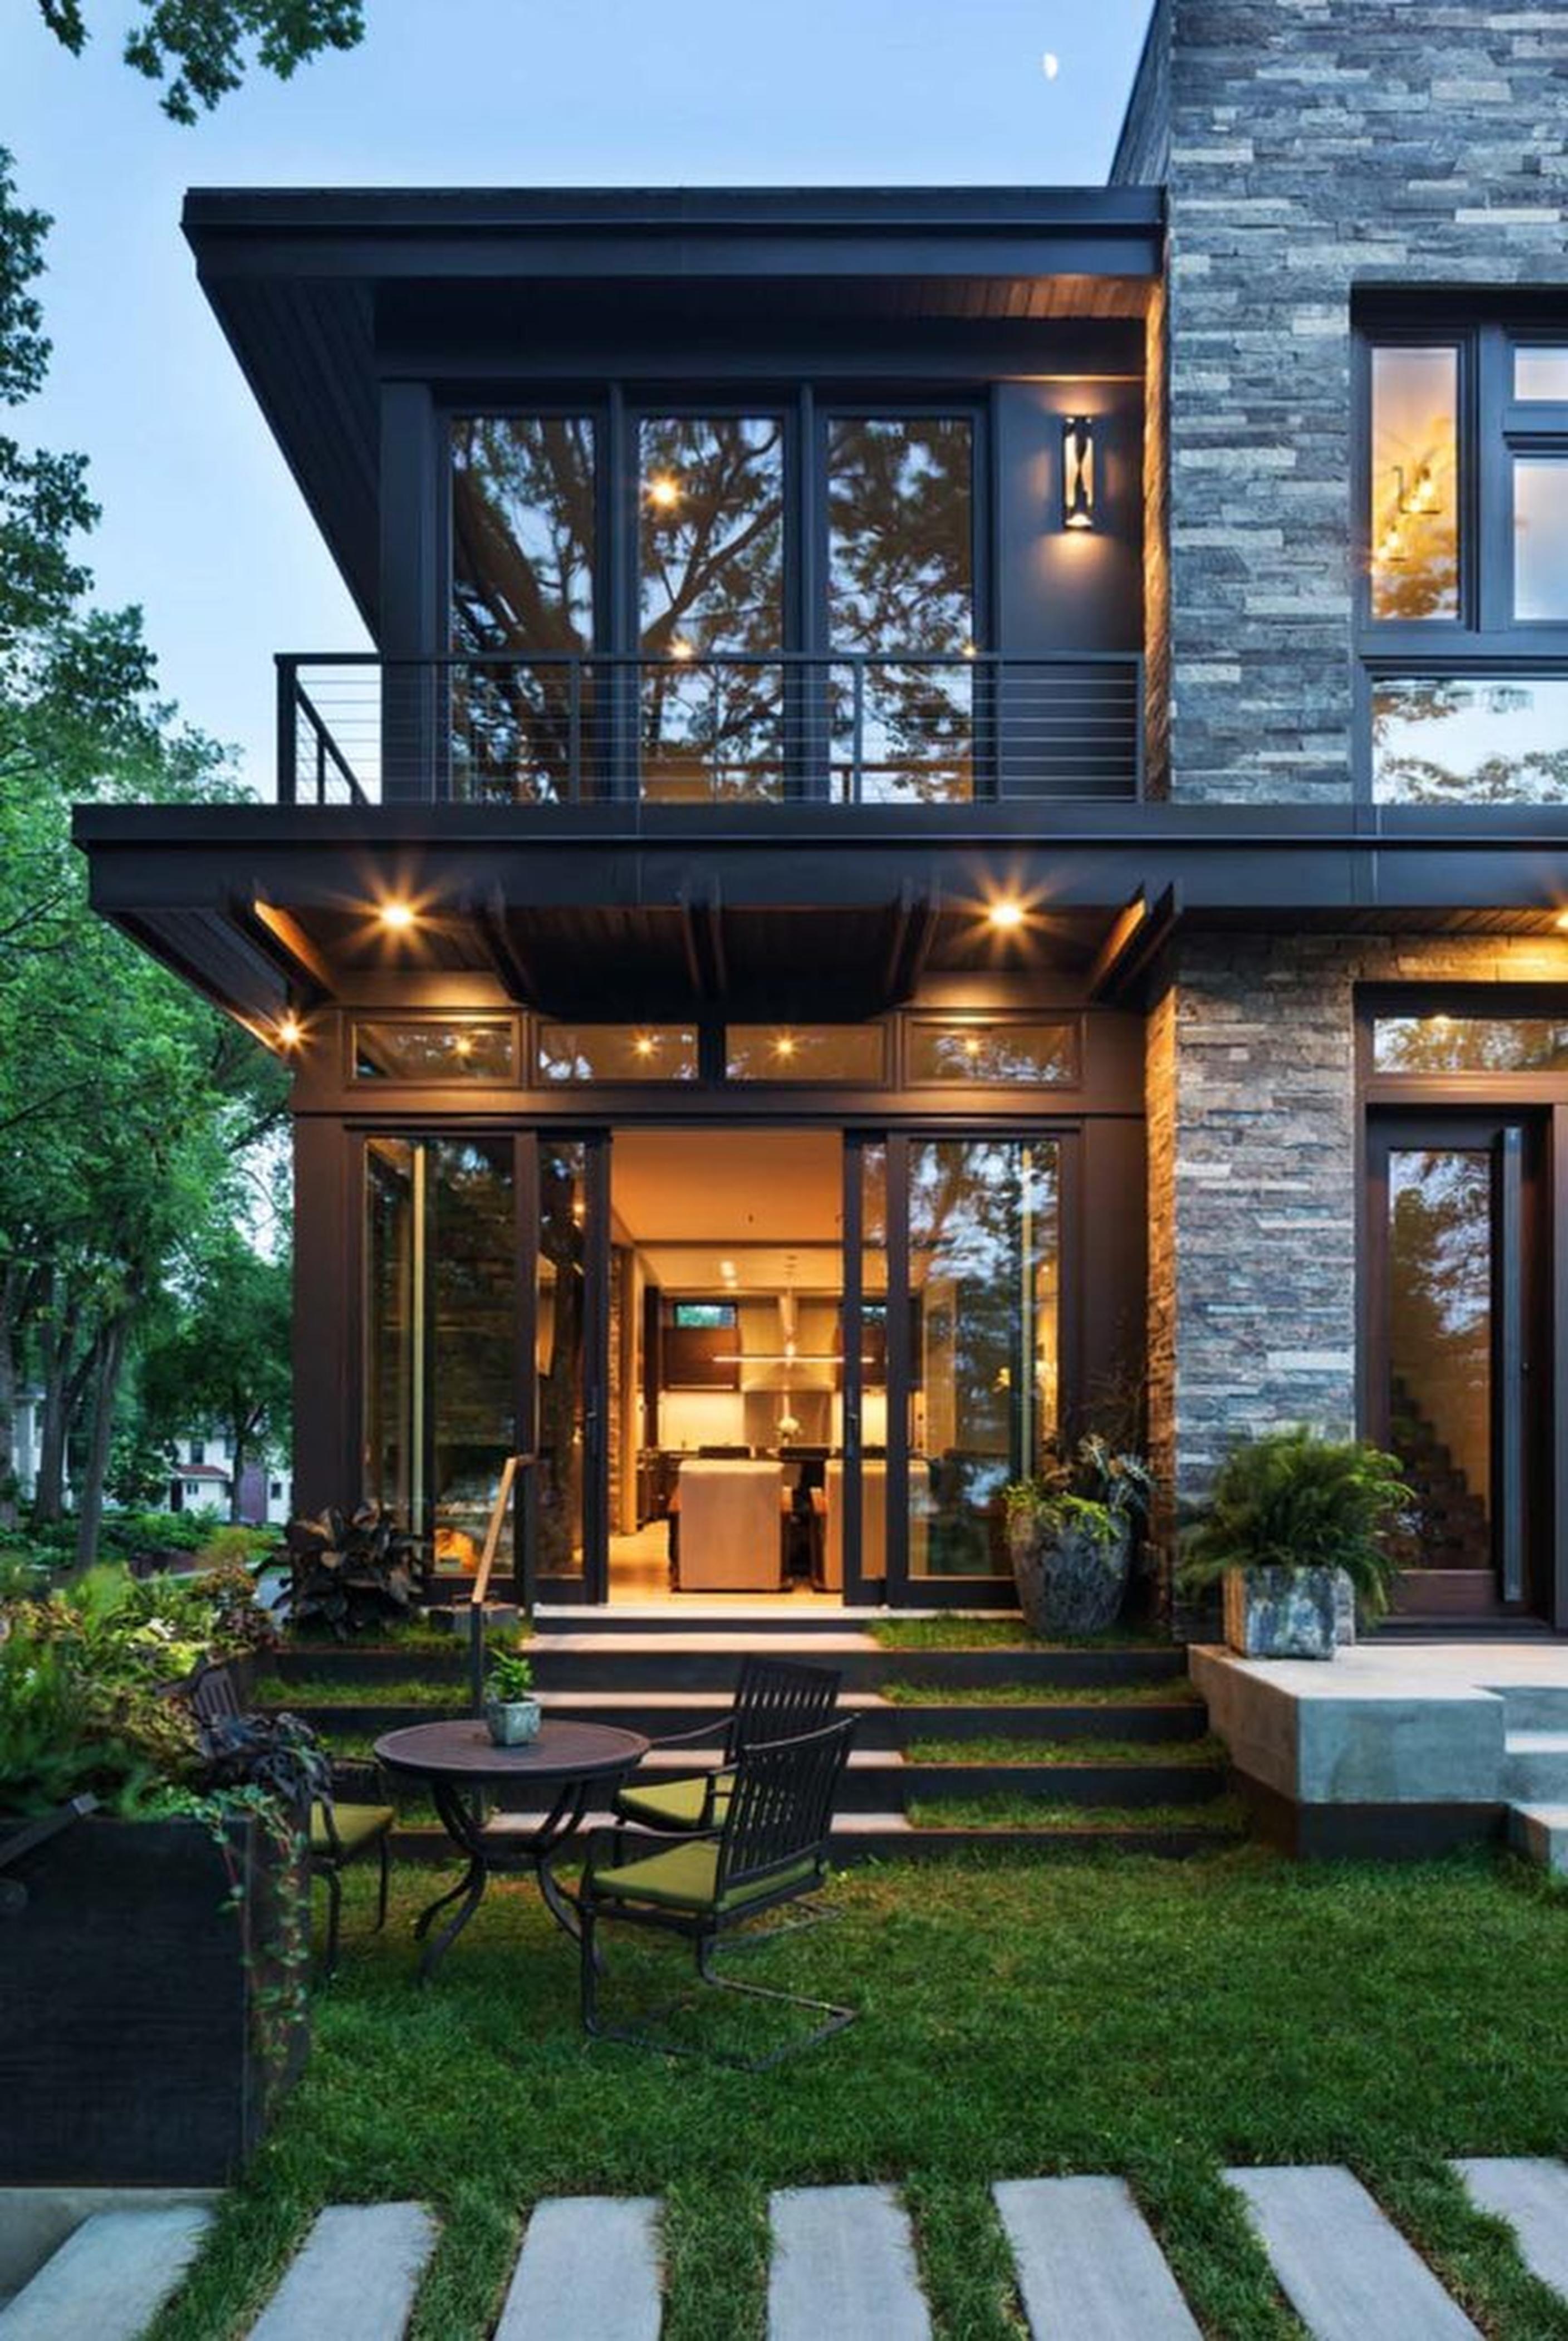 Explore Architectural Diversity With Different House Styles Unique House Design House Designs Exterior Unique Houses